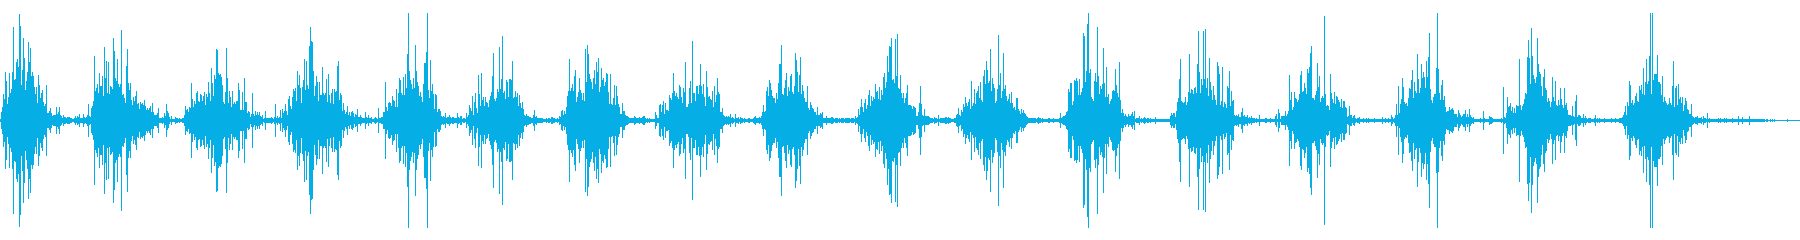 ファイバーグラスカヌー:シングルパ...の再生済みの波形